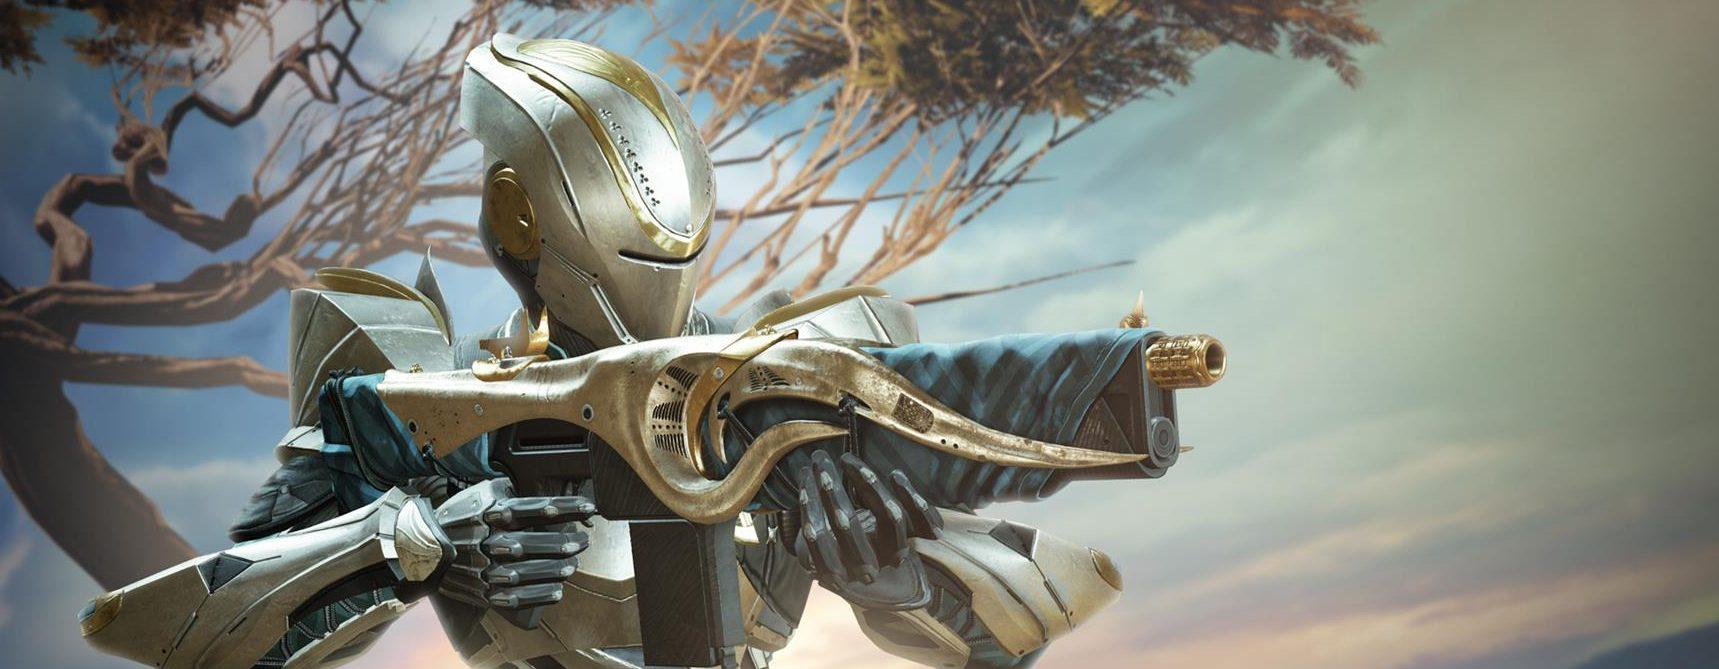 Die neue Armor 2.0 revolutioniert Destiny 2 – und ich liebe alles daran